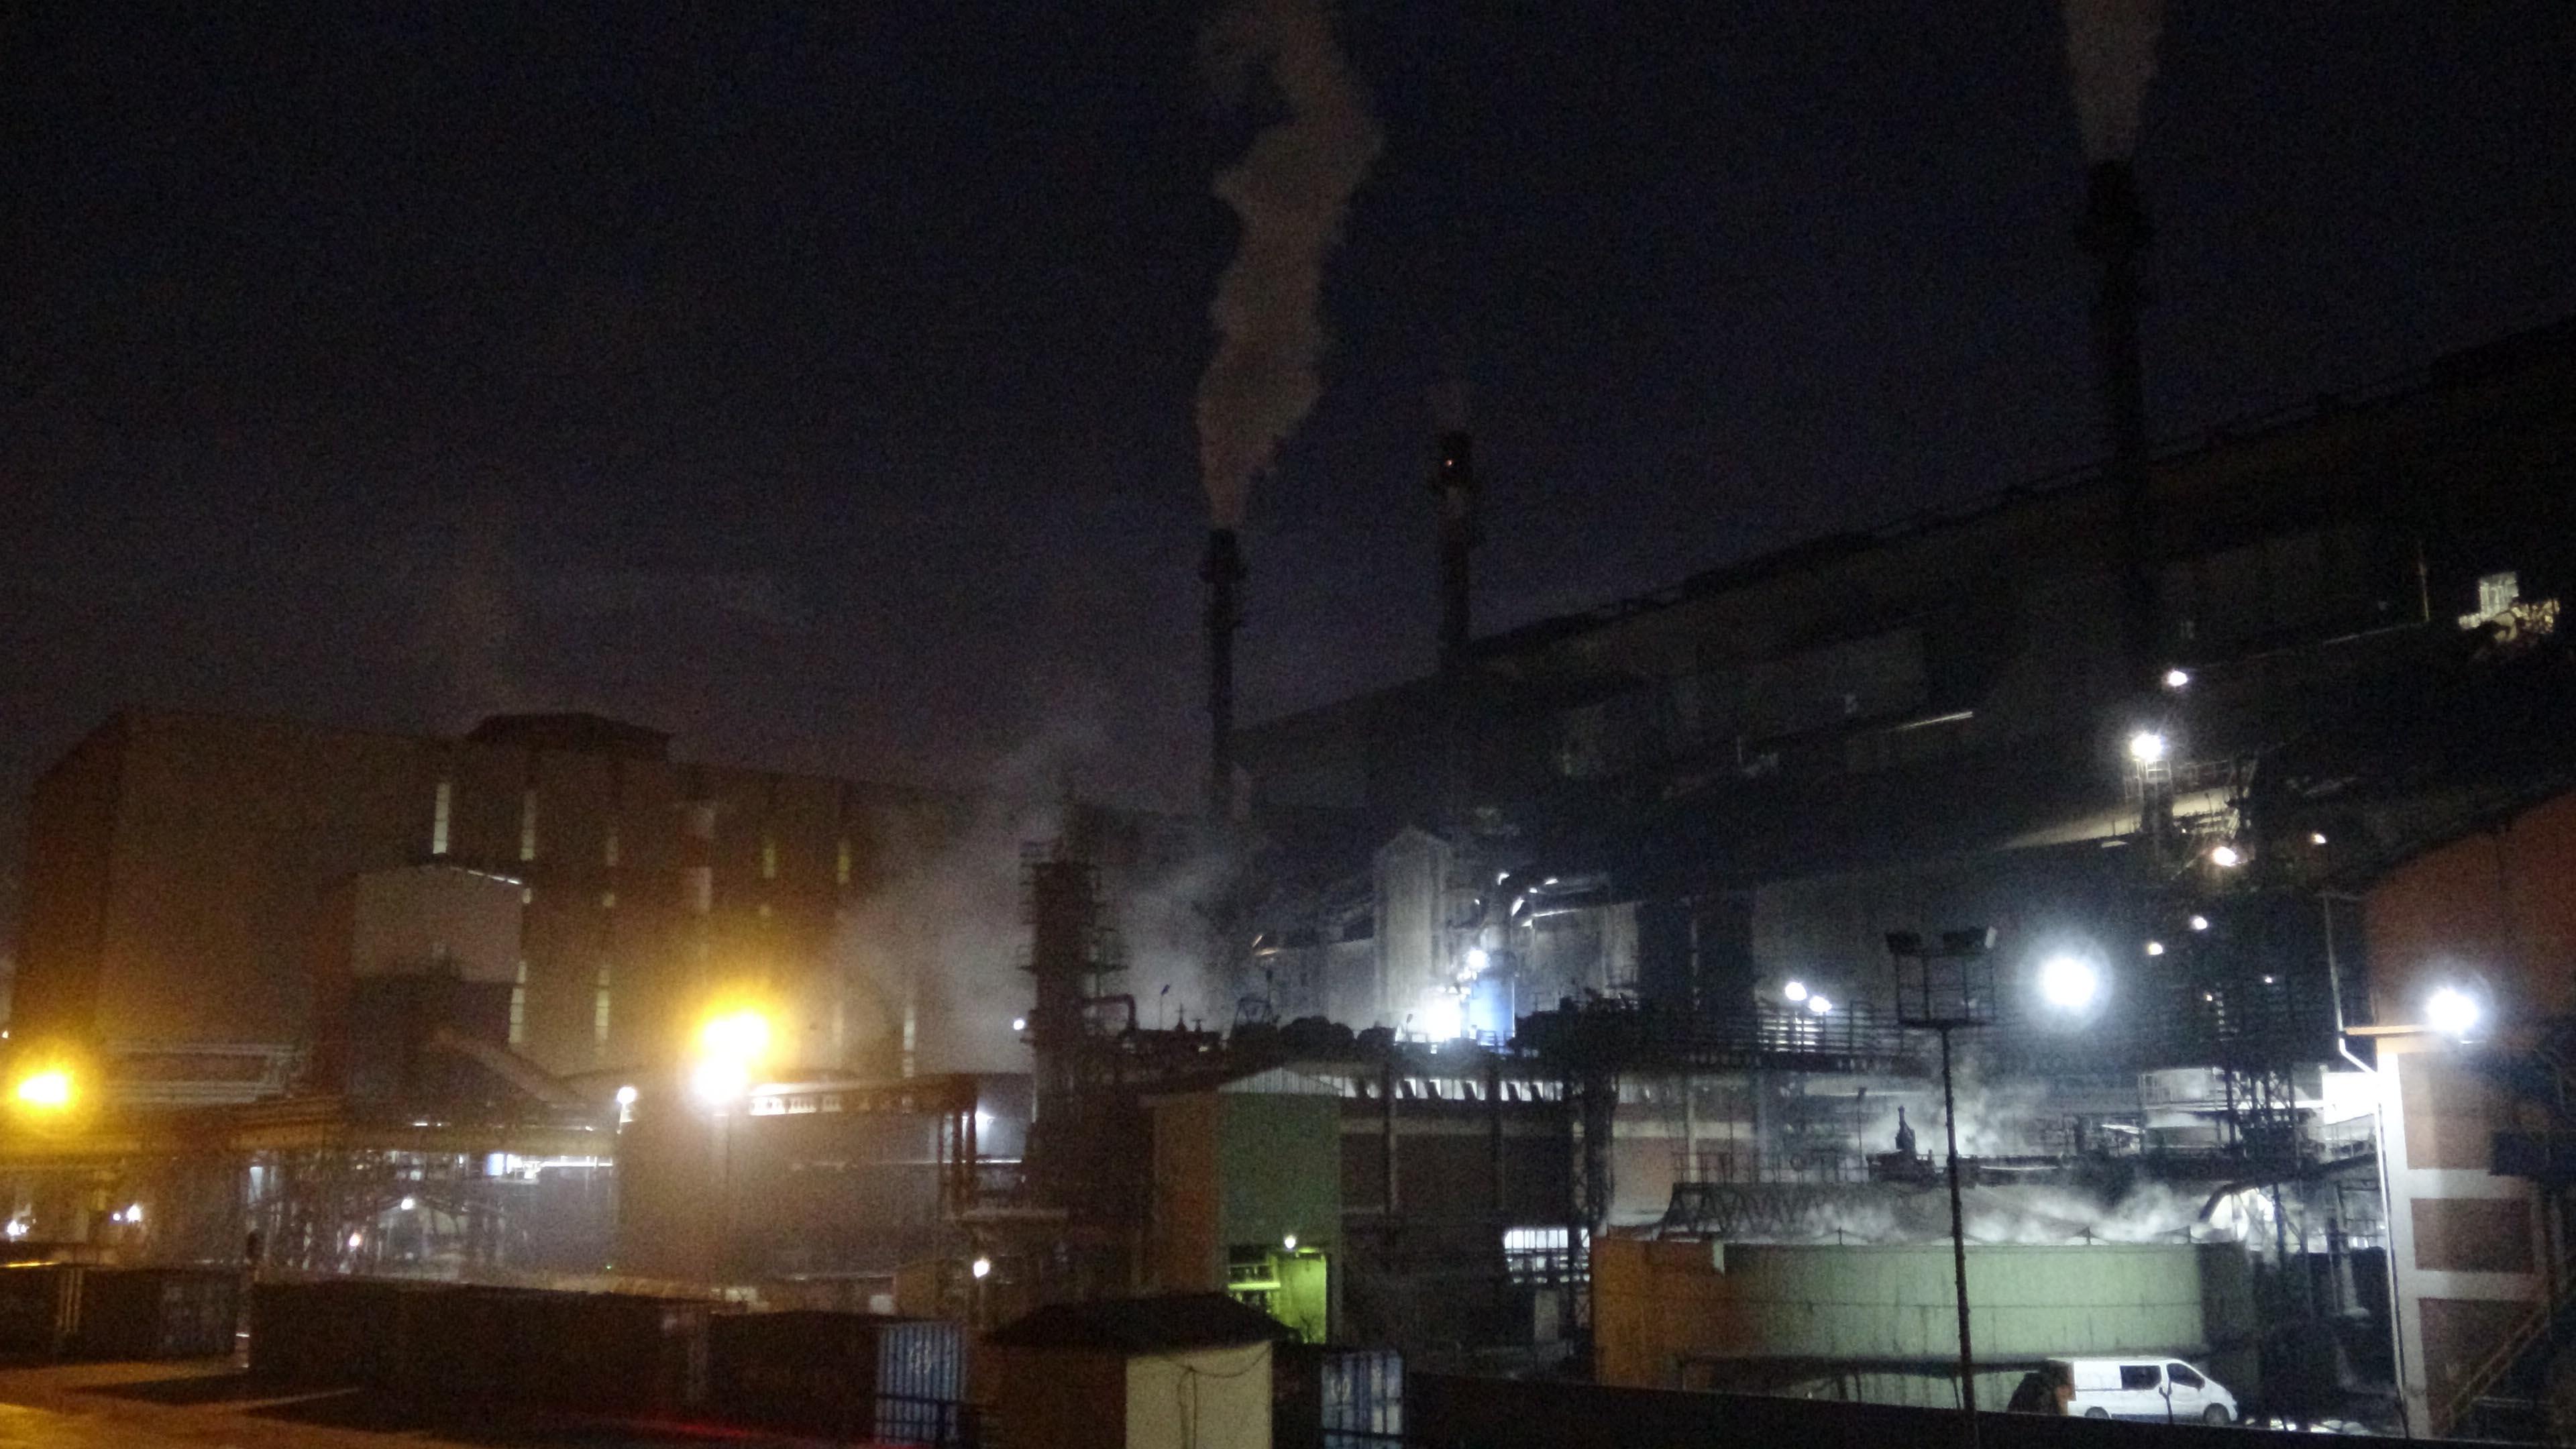 Kardemir'de patlama: 1 işçi öldü, 1 işçi yaralı